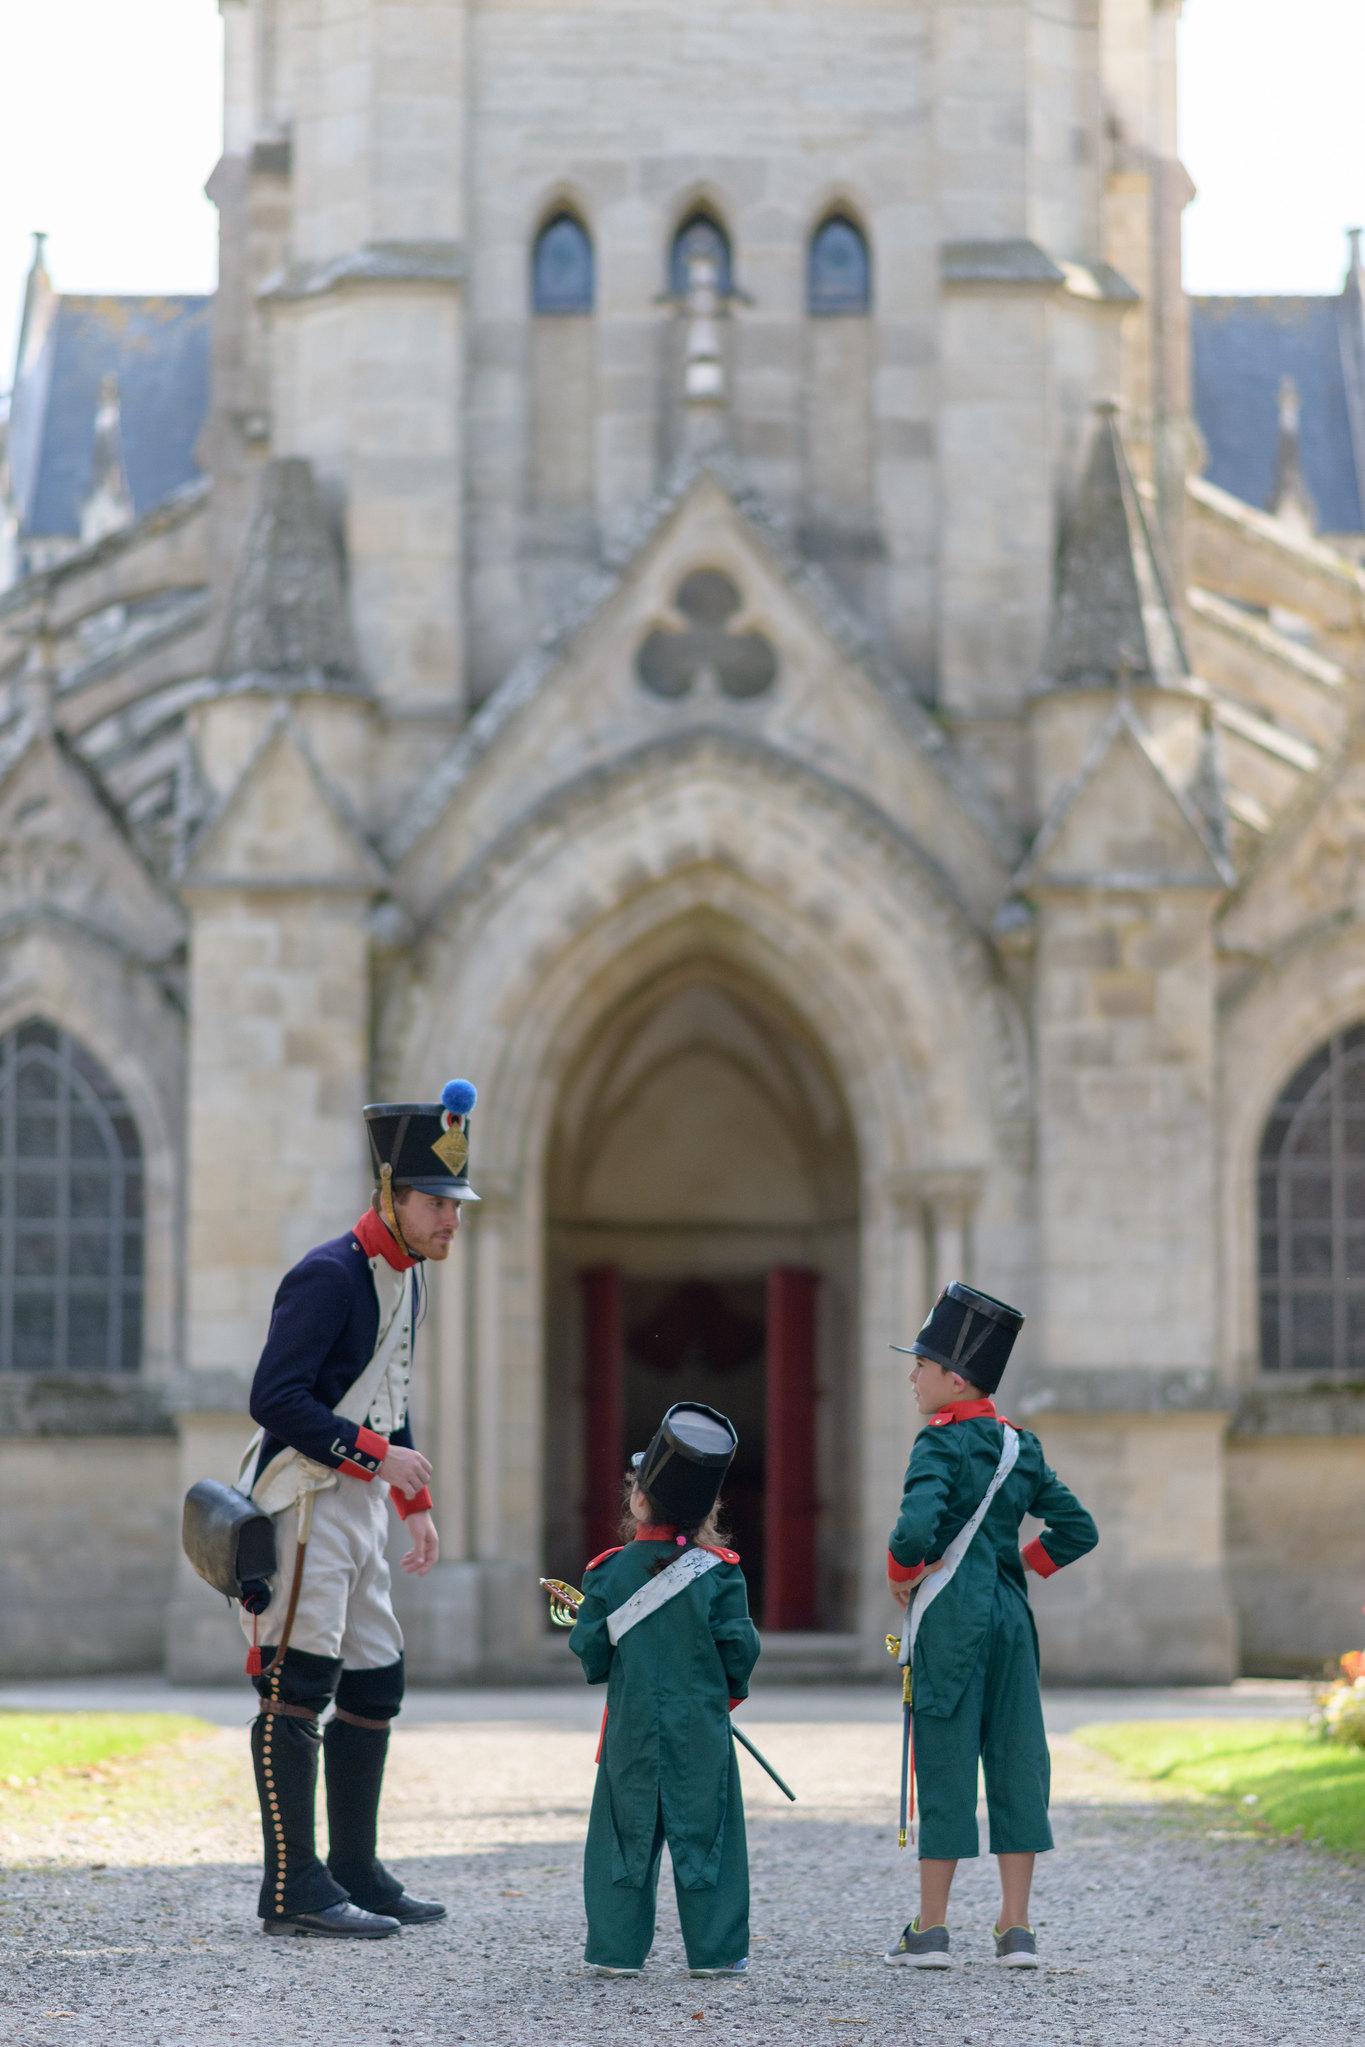 Office de tourisme de pontivy communaut flickr - Office de tourisme pontivy ...